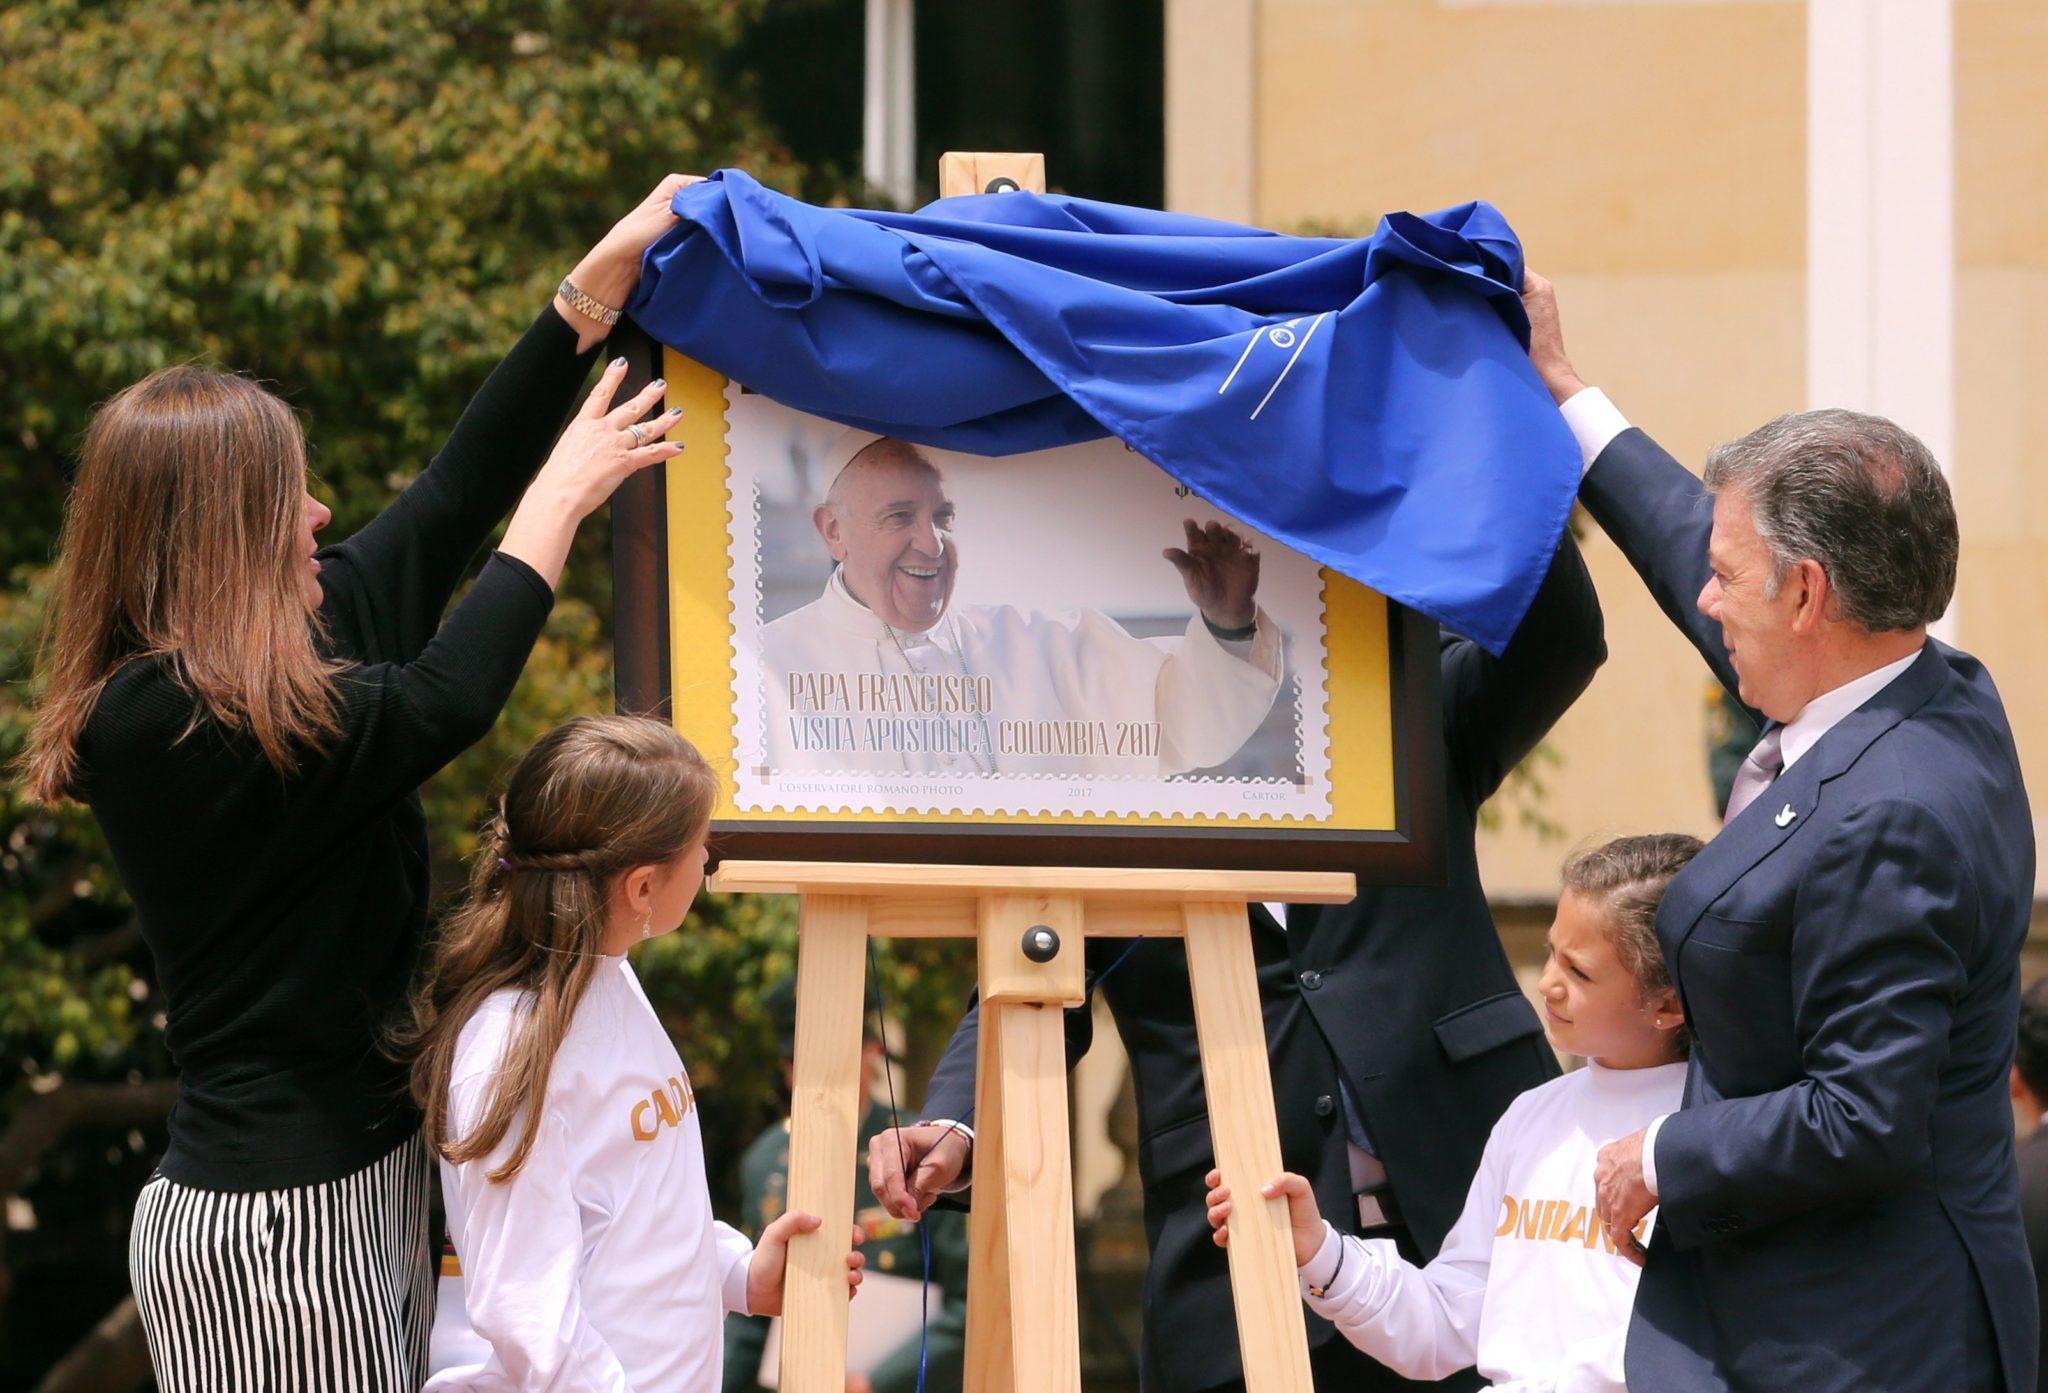 Prezydent Kolumbii publikuje pieczęć upamiętniającą wizytę papieża Franciszka w kraju (zaplanowana na wrzesień), fot: Mauricio Dueńas Castańeda, PAP/EPA